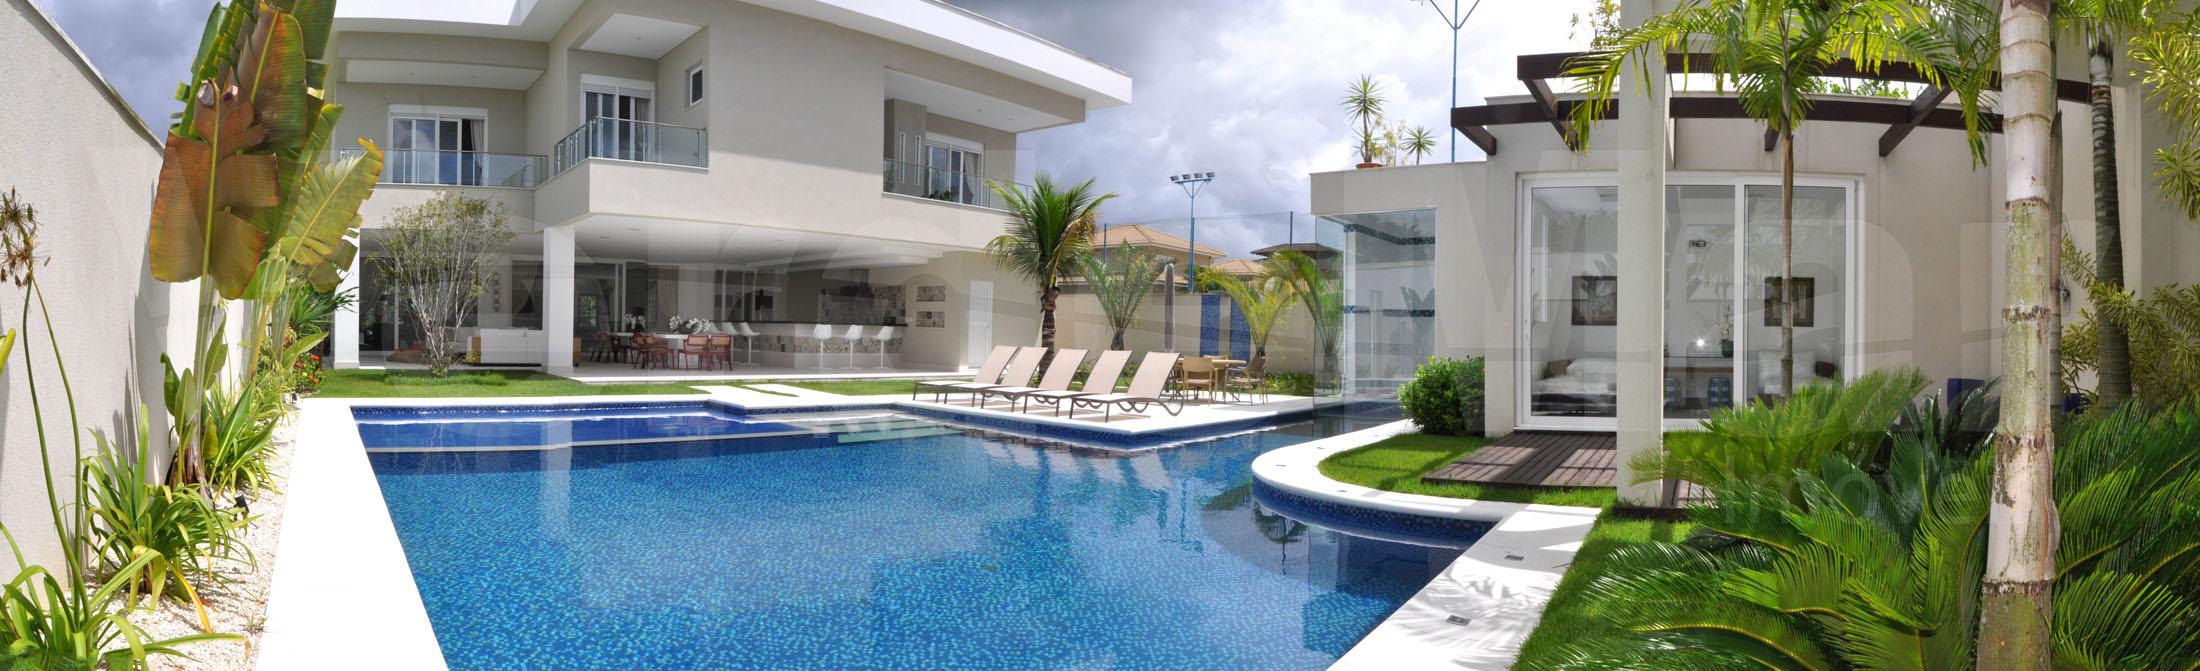 Casa moderna A VENDA no Condominio Jardim Acapulco em Guarujá.